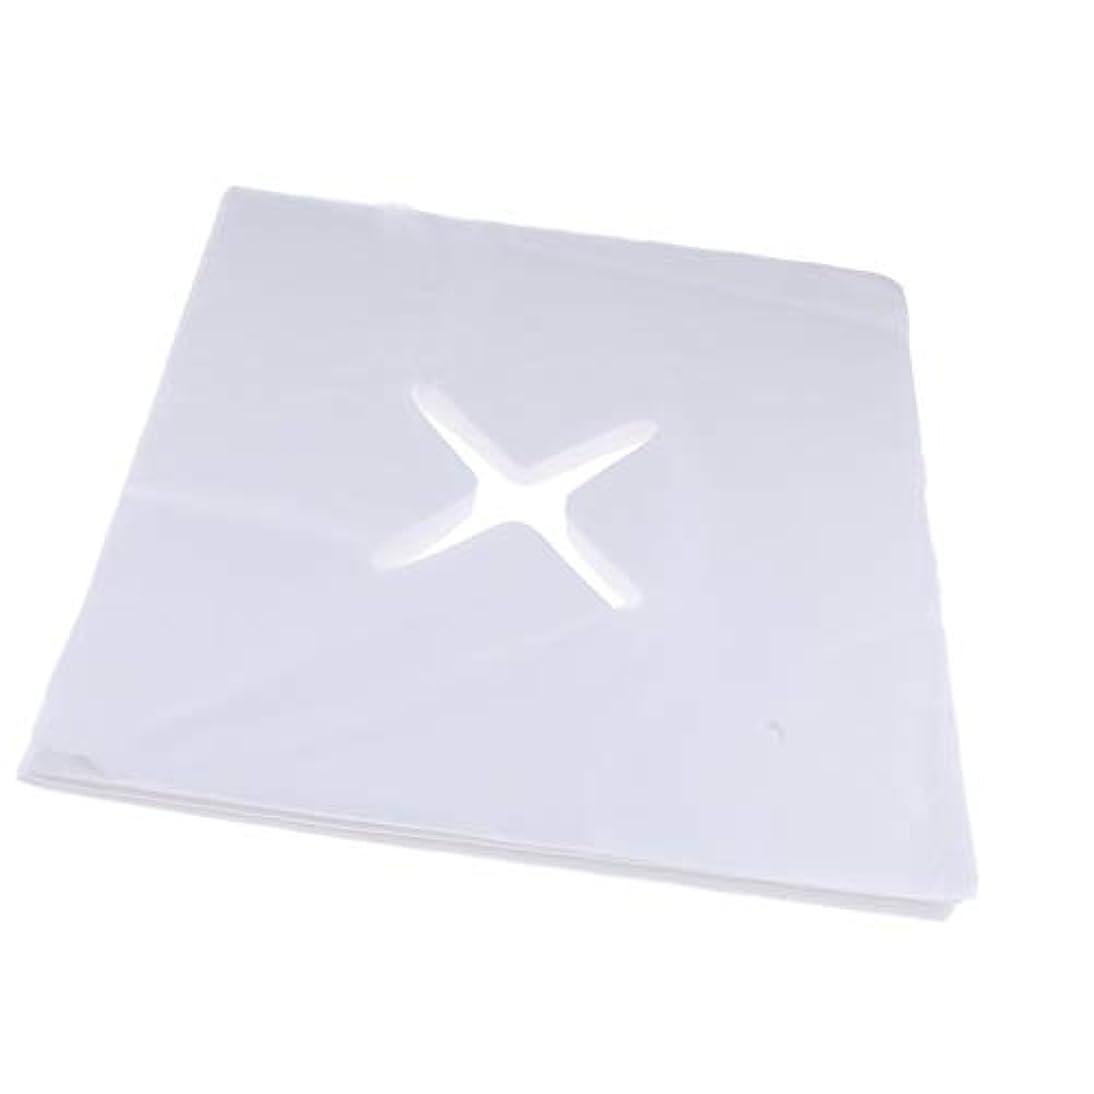 楽観的日常的に一部FLAMEER 約200枚 十字カット 使い捨て ピローシート フェイスカバー 枕カバー クッション S/M - L